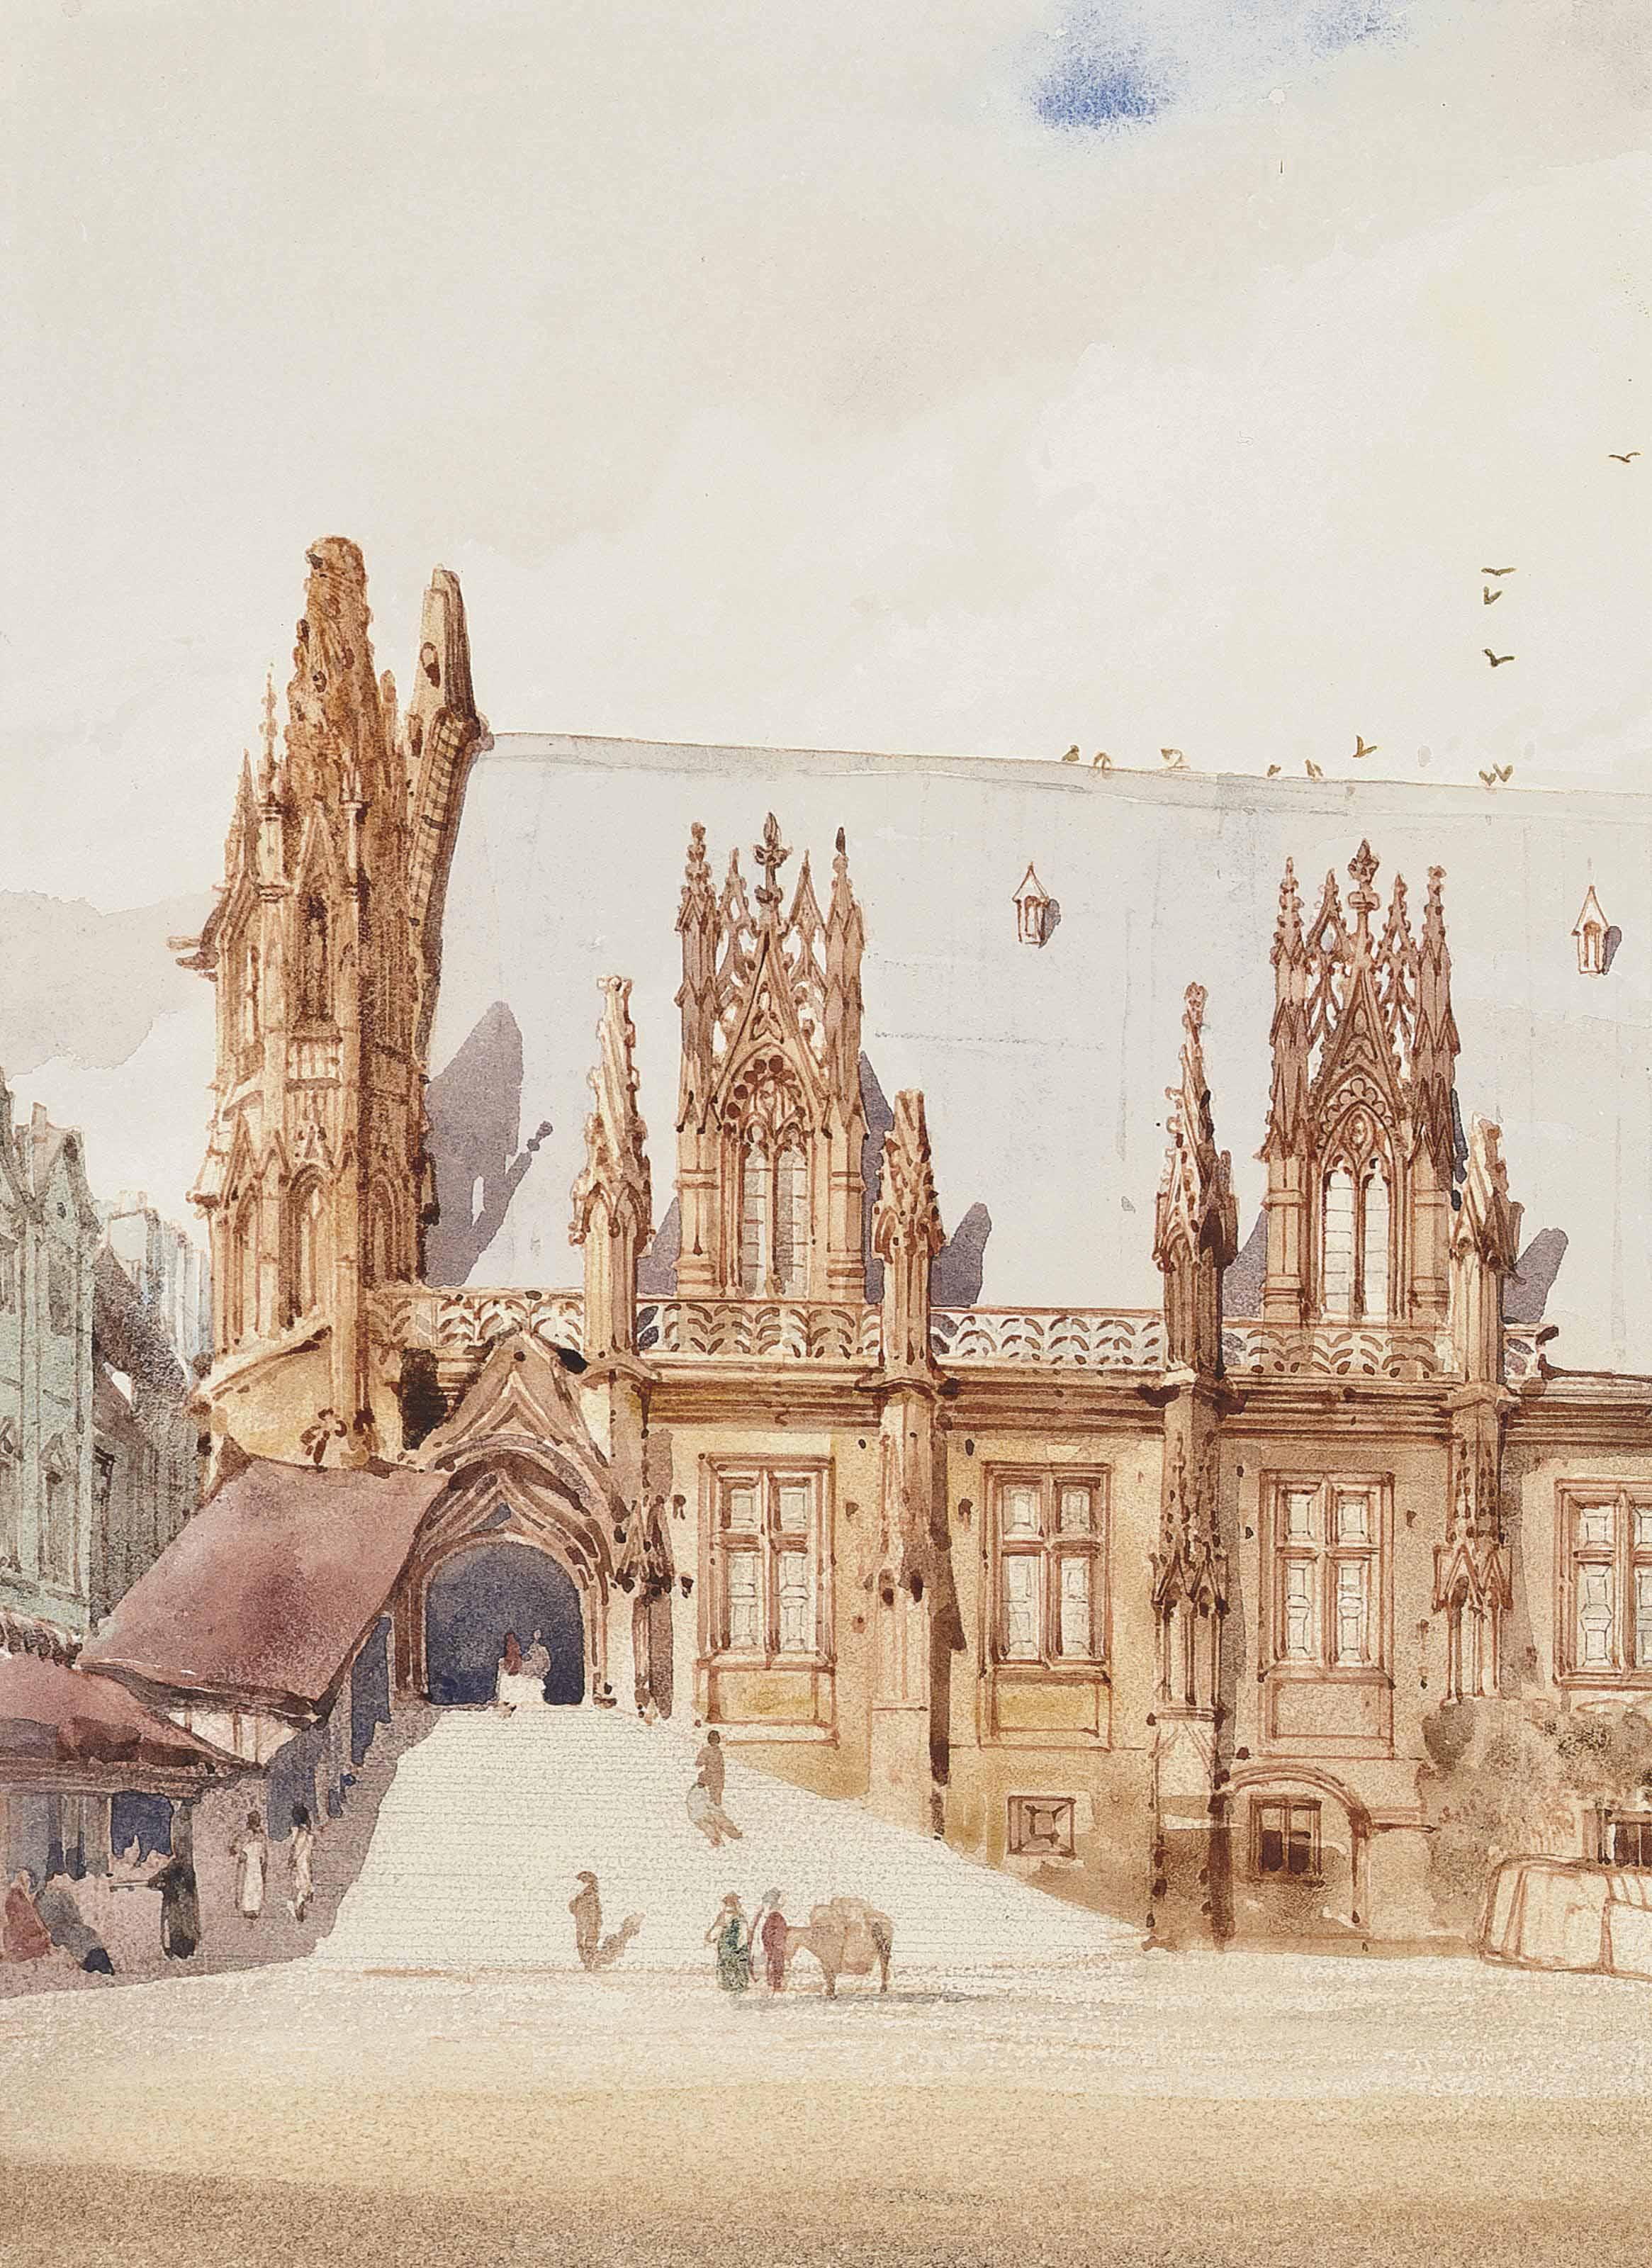 The Palais de Justice, Rouen, France